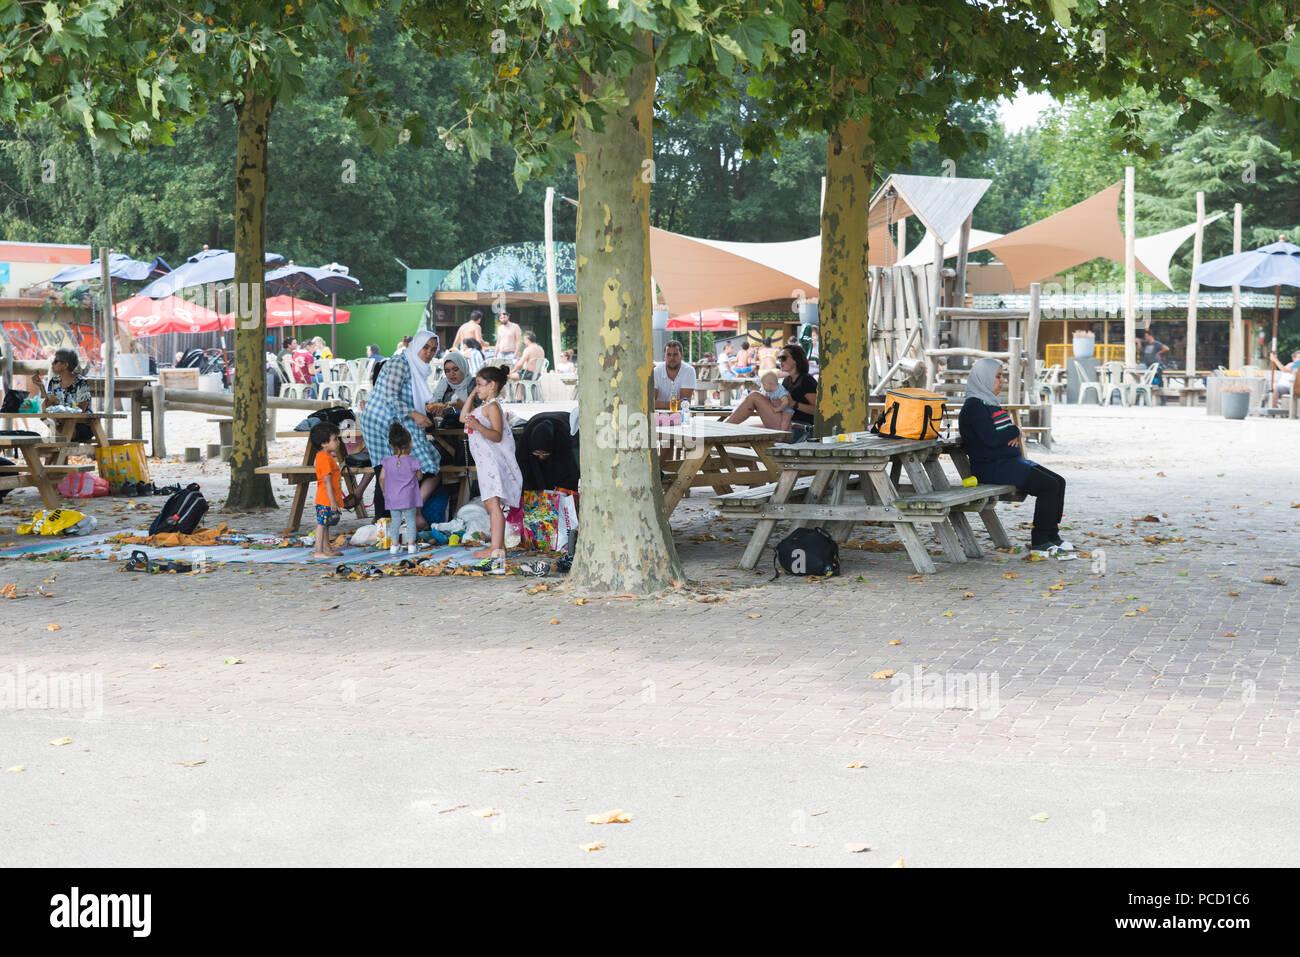 Hilvarenbeek,Holanda,30-09-2018,:personas de diferentes culturas, disfrutar de un aperitivo y una bebida en la terraza del parque de diversiones beek bergen,este es uno de los mayores parques de atracciones en Holanda Imagen De Stock